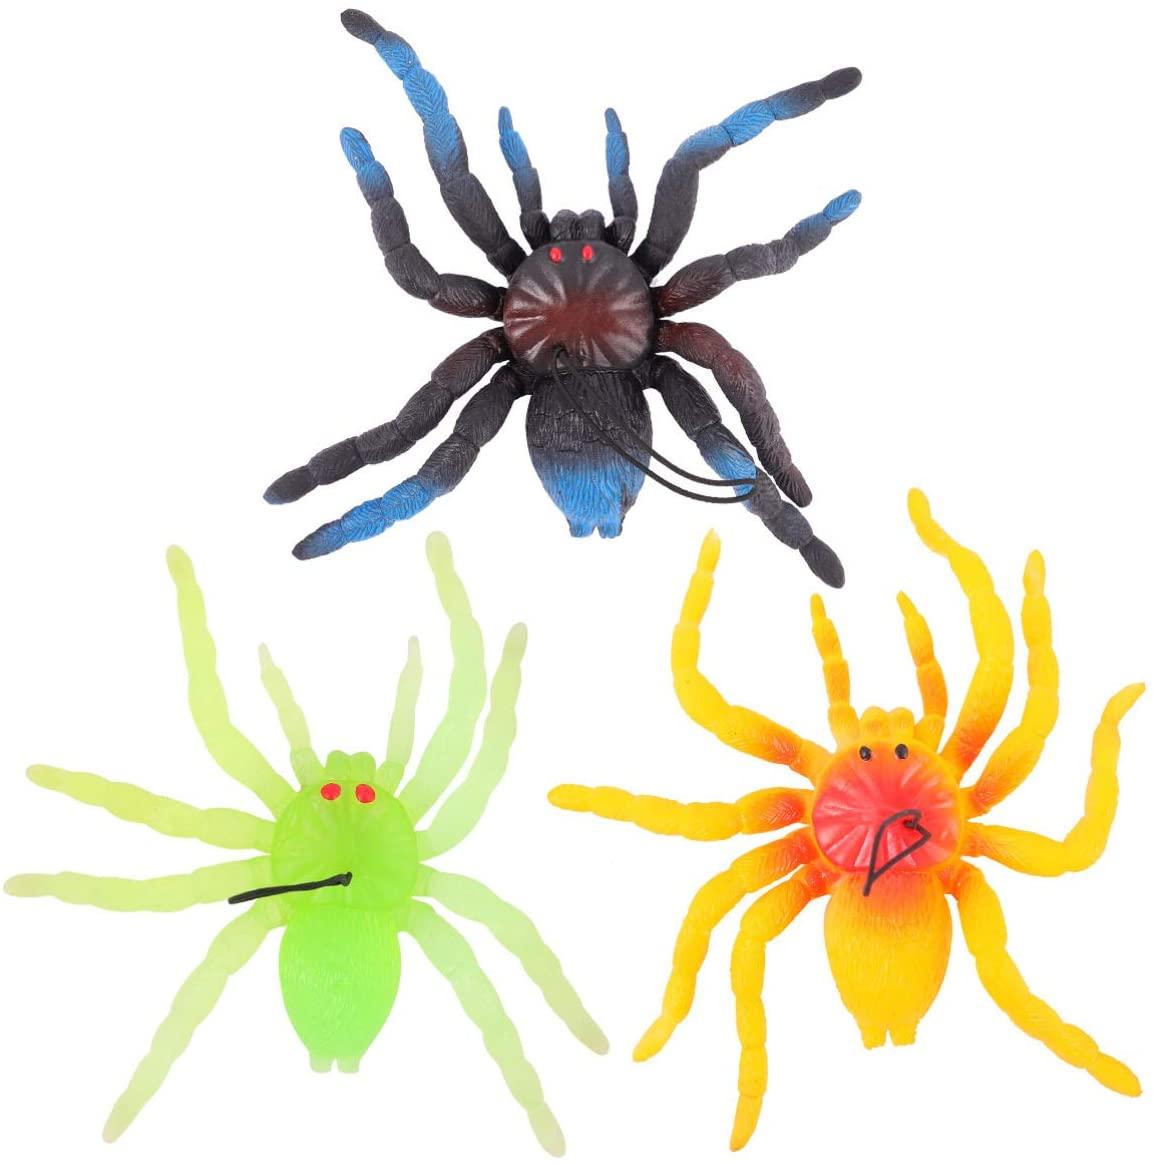 GARNECK 3pcs Halloween Fake Spider Big Plastic Spider Creepy Rubber Spider Cake Topper Costume Party Favors for Tricks Prank Practical Joke Gag (Random Color)